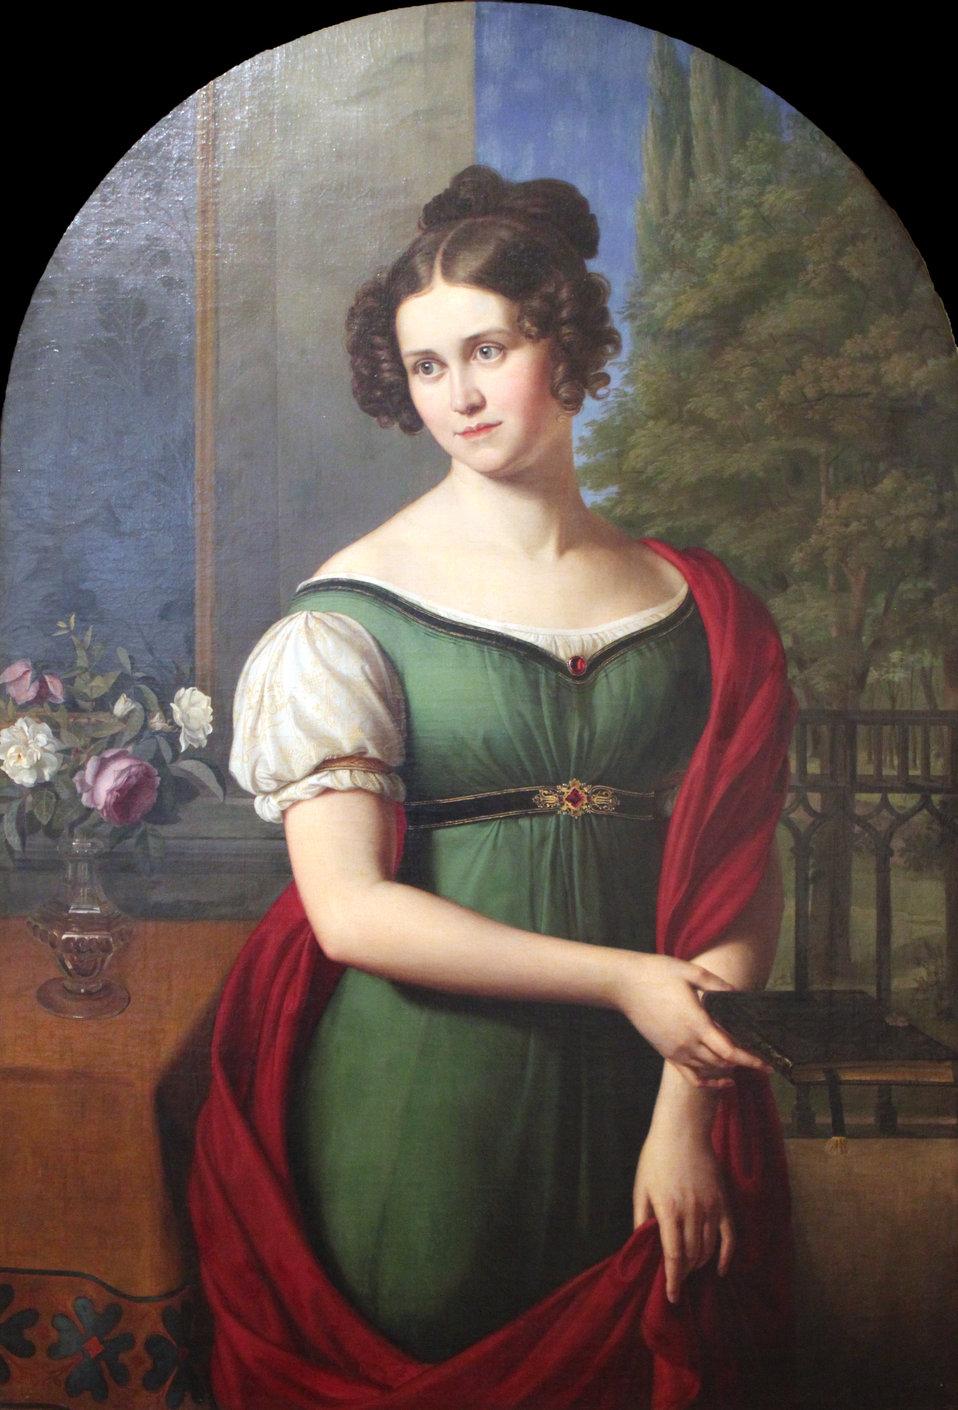 1823 Schadow Bildnis Lili Parthey anagoria.JPG